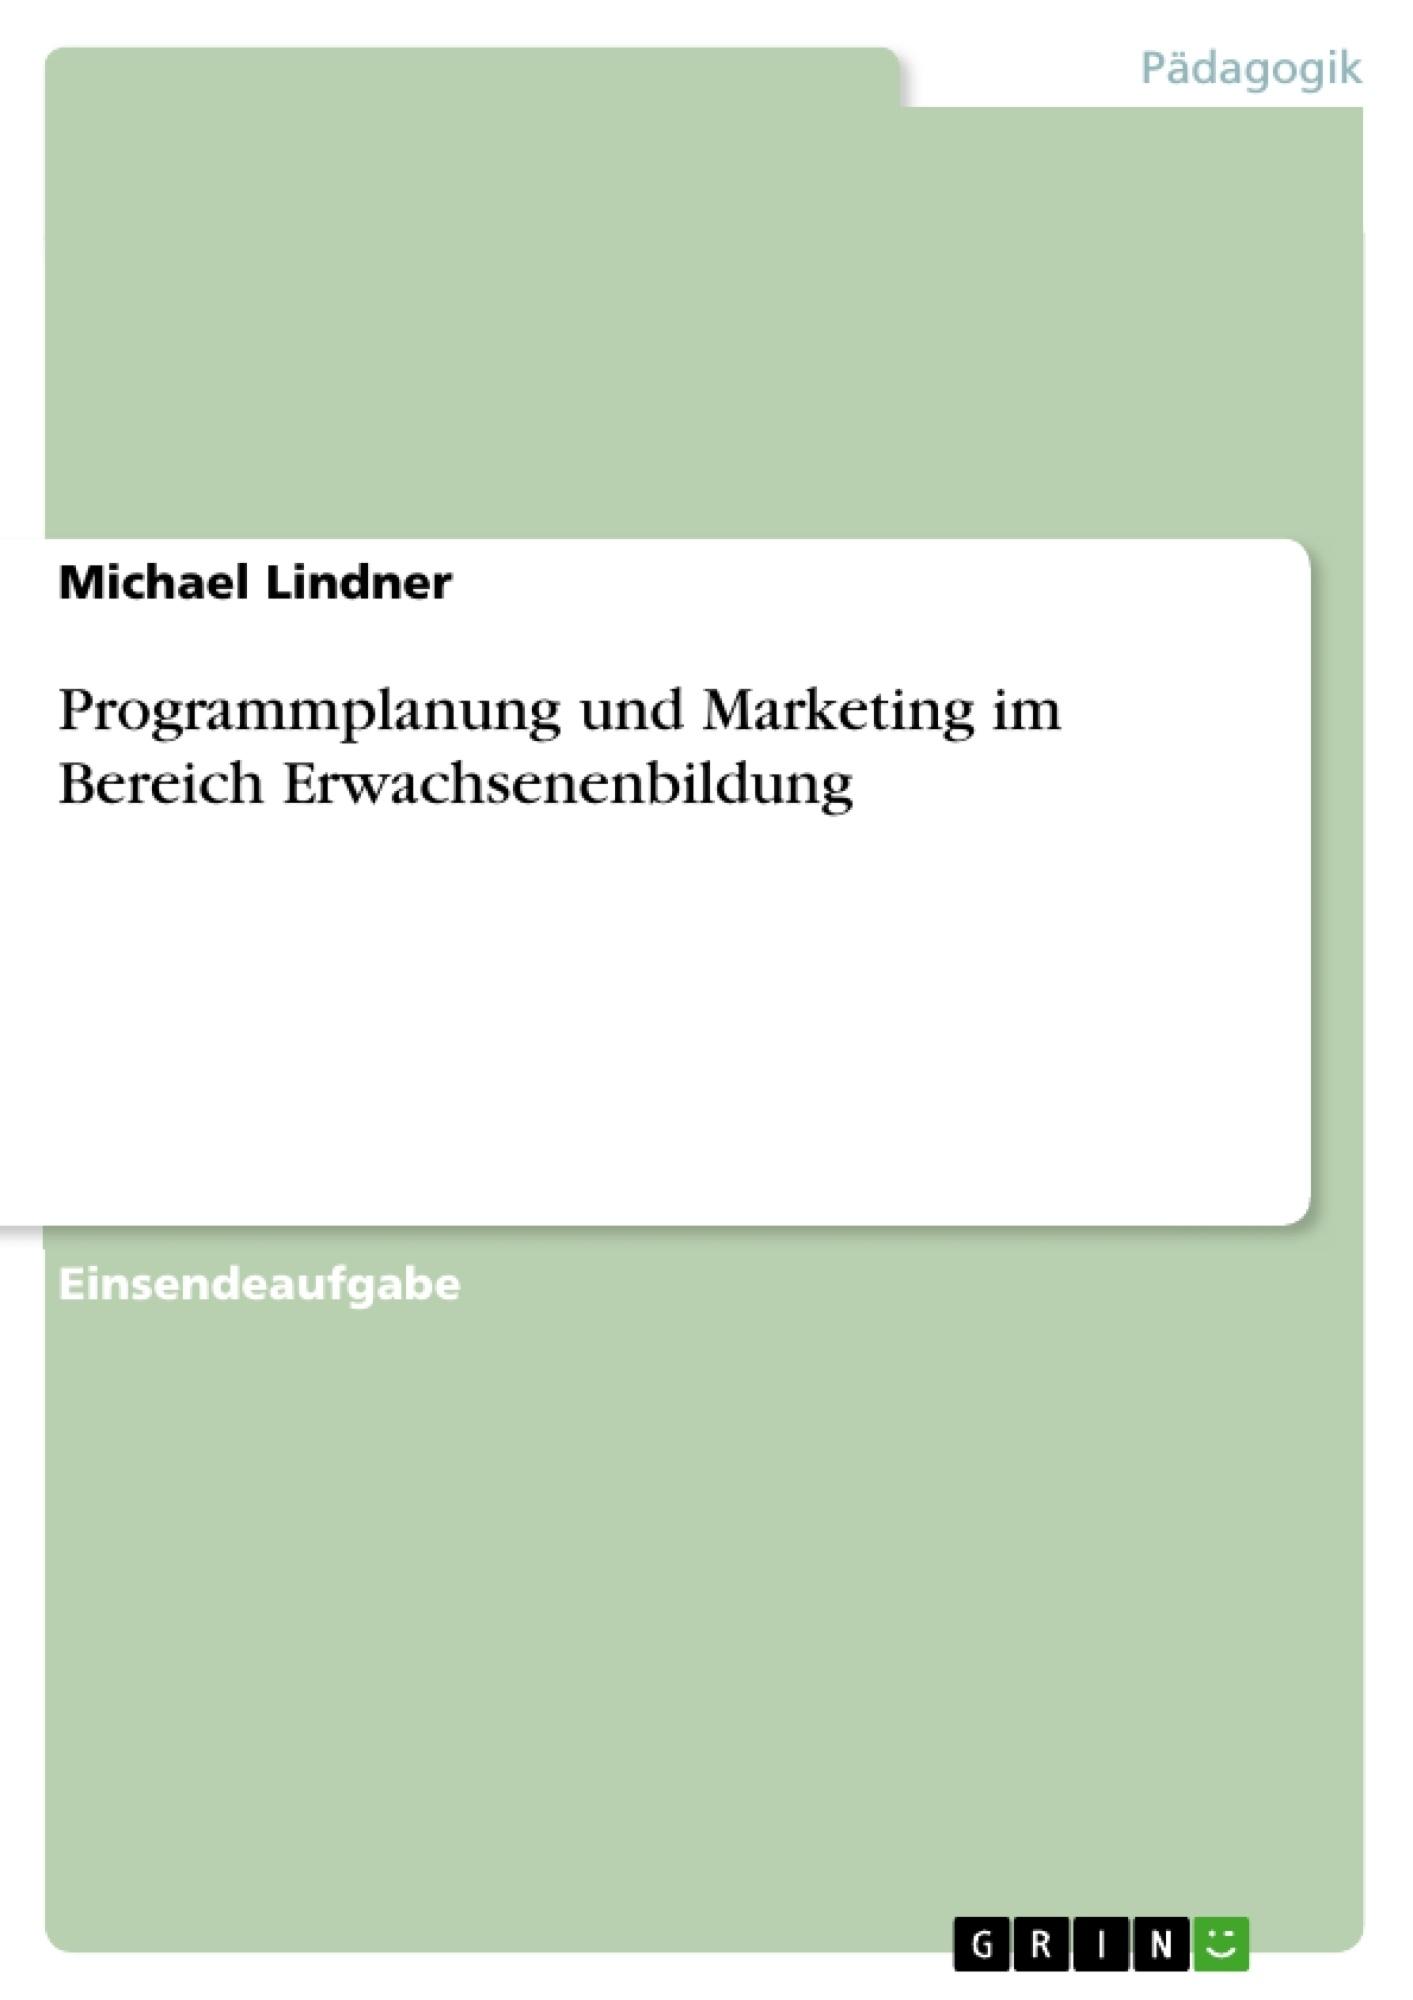 Titel: Programmplanung und Marketing im Bereich Erwachsenenbildung